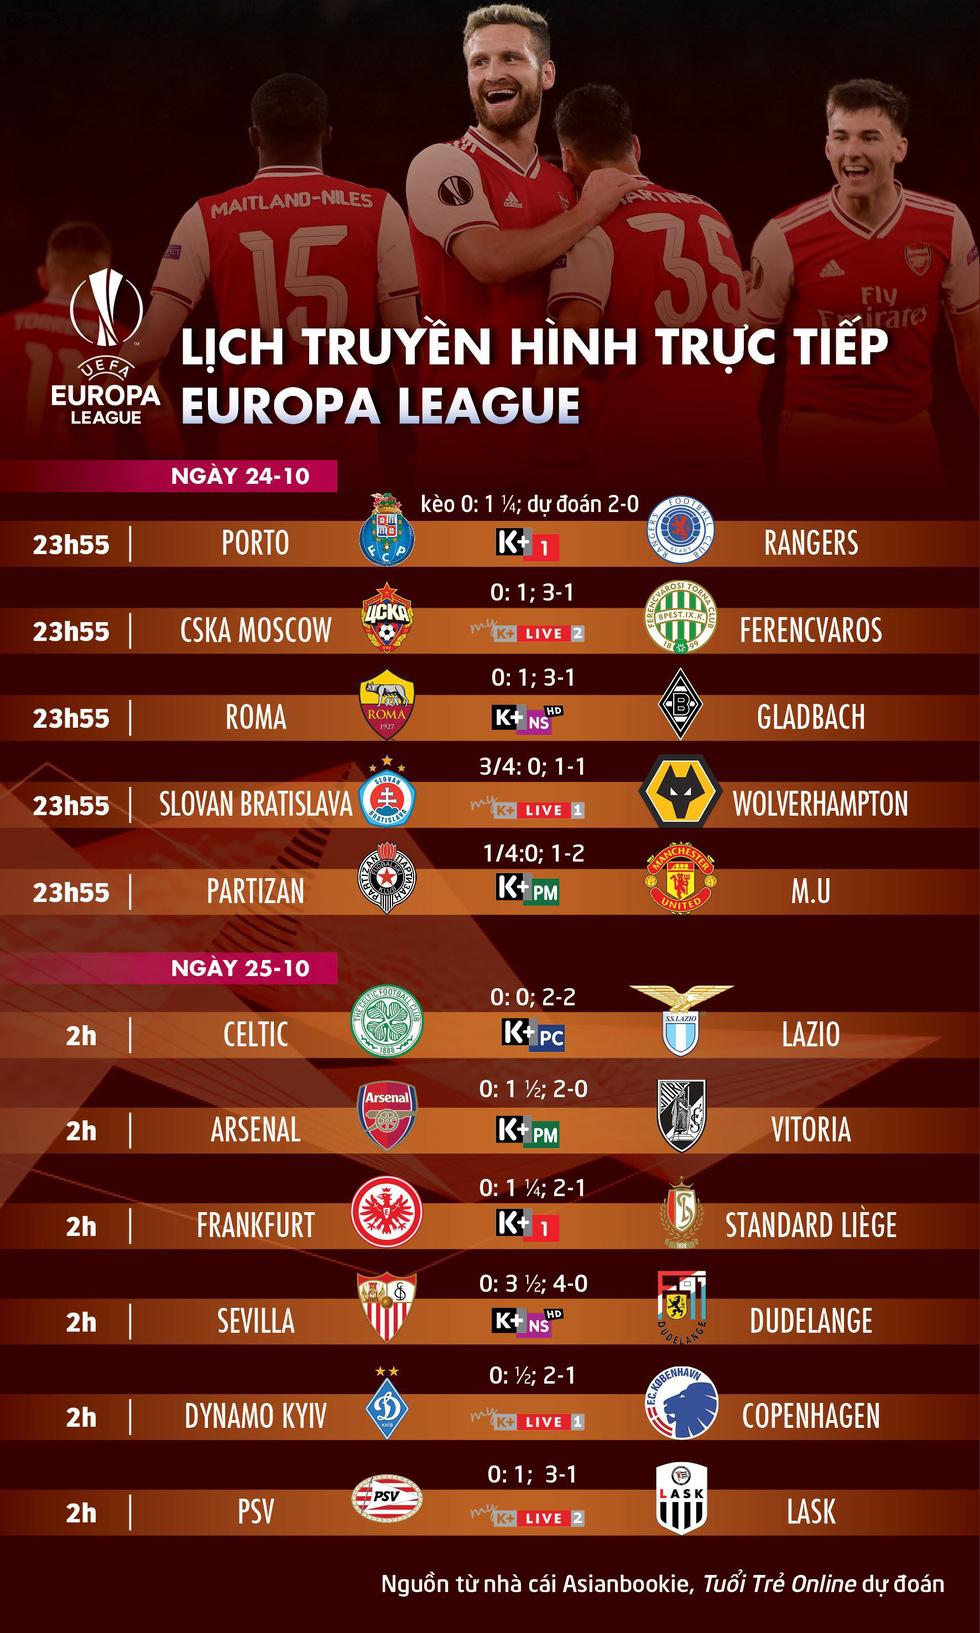 Lịch trực tiếp, kèo nhà cái, dự đoán kết quả Europa League hôm nay, chú ý M.U, Arsenal - Ảnh 1.